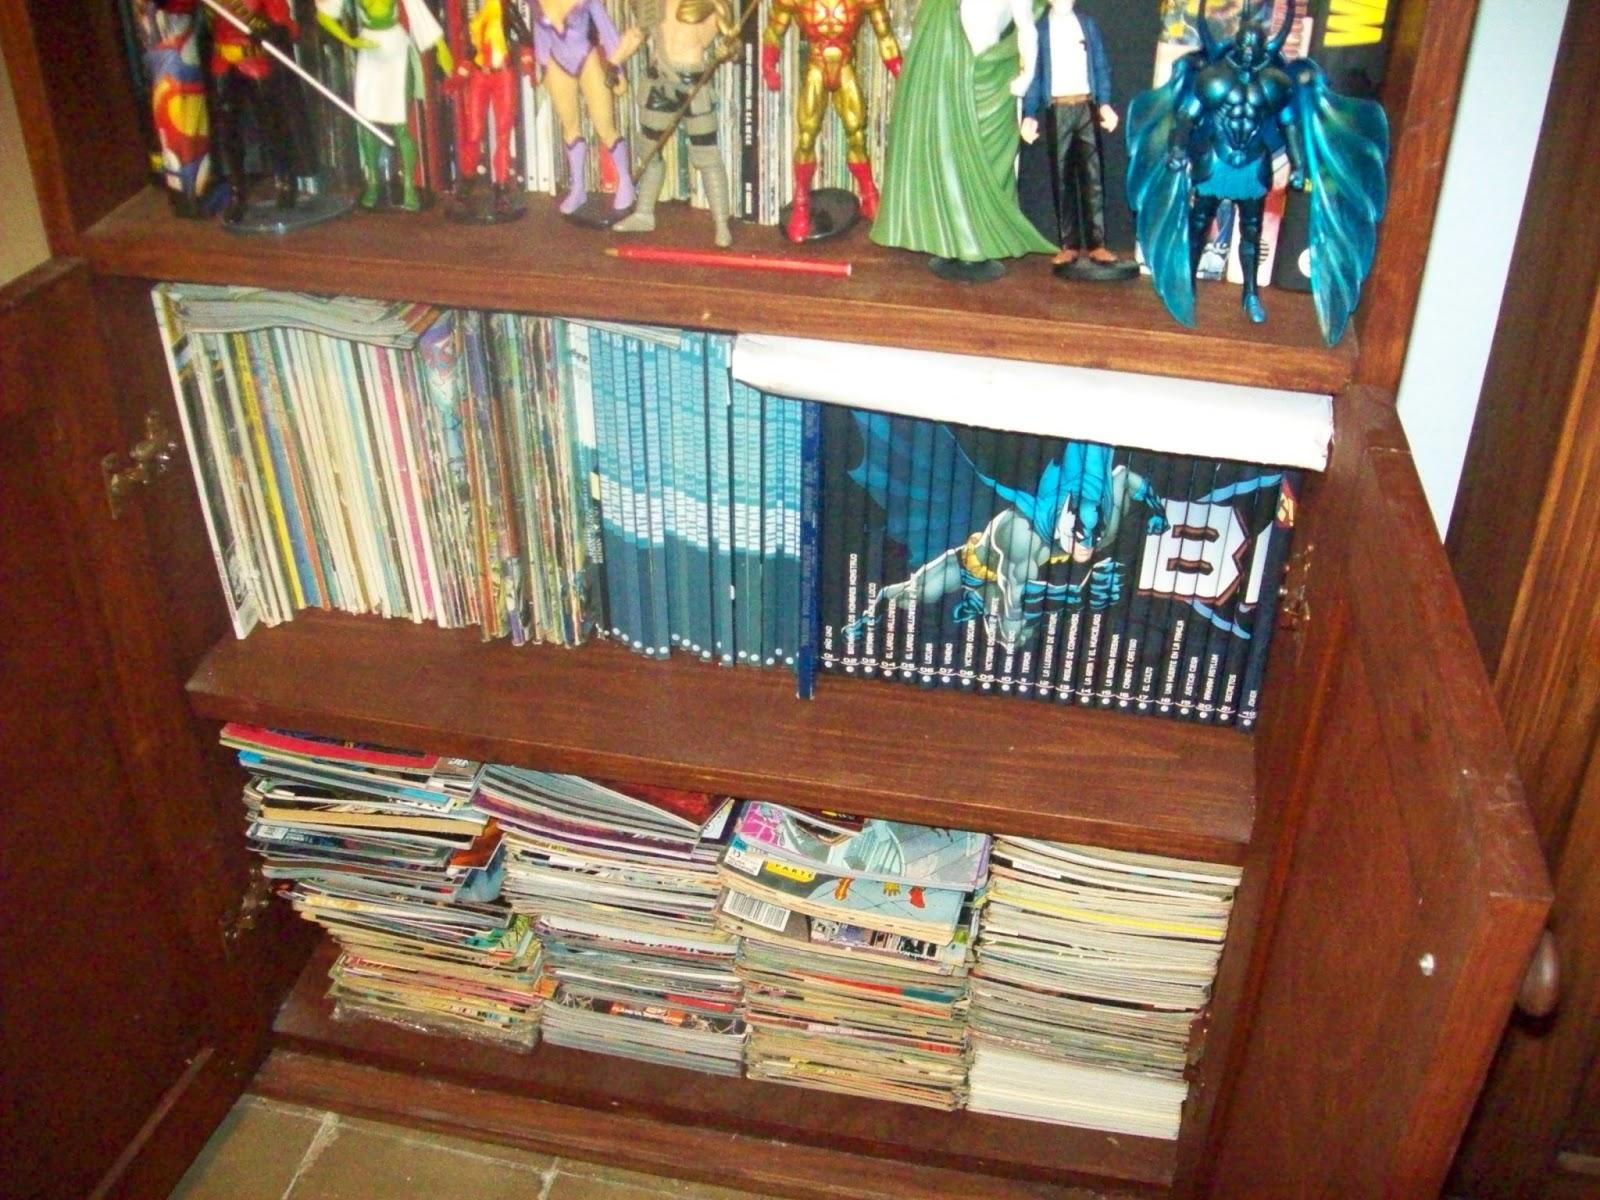 [COMICS] Colecciones de Comics ¿Quién la tiene más grande?  - Página 6 100_5476